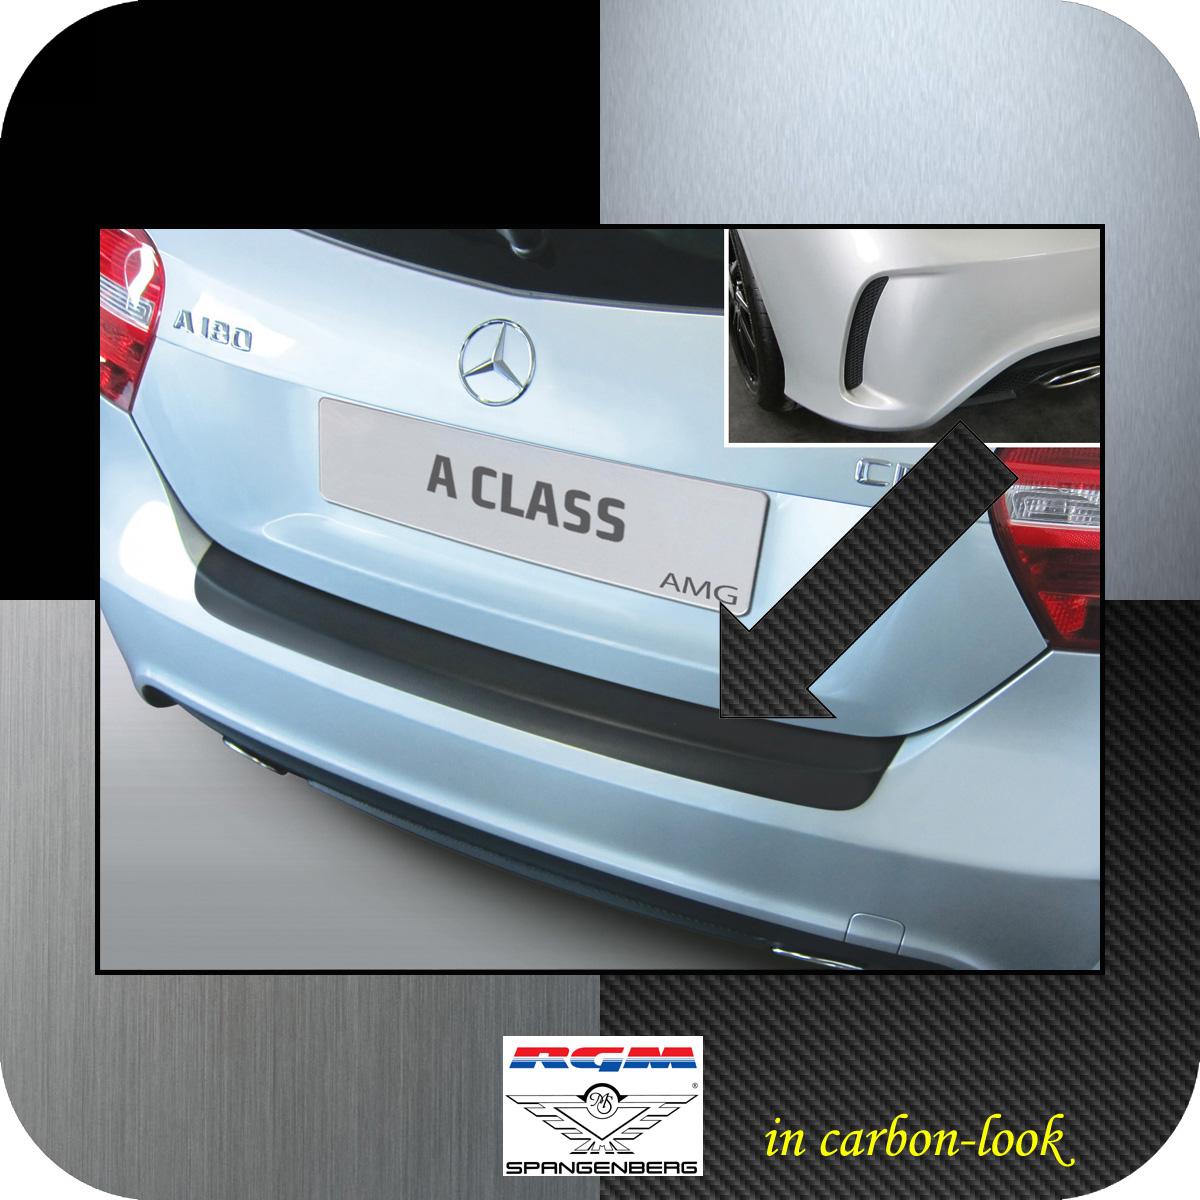 Ladekantenschutz Carbon-look Mercedes A-Klasse W176 2012- 45 AMG und 250 3509951